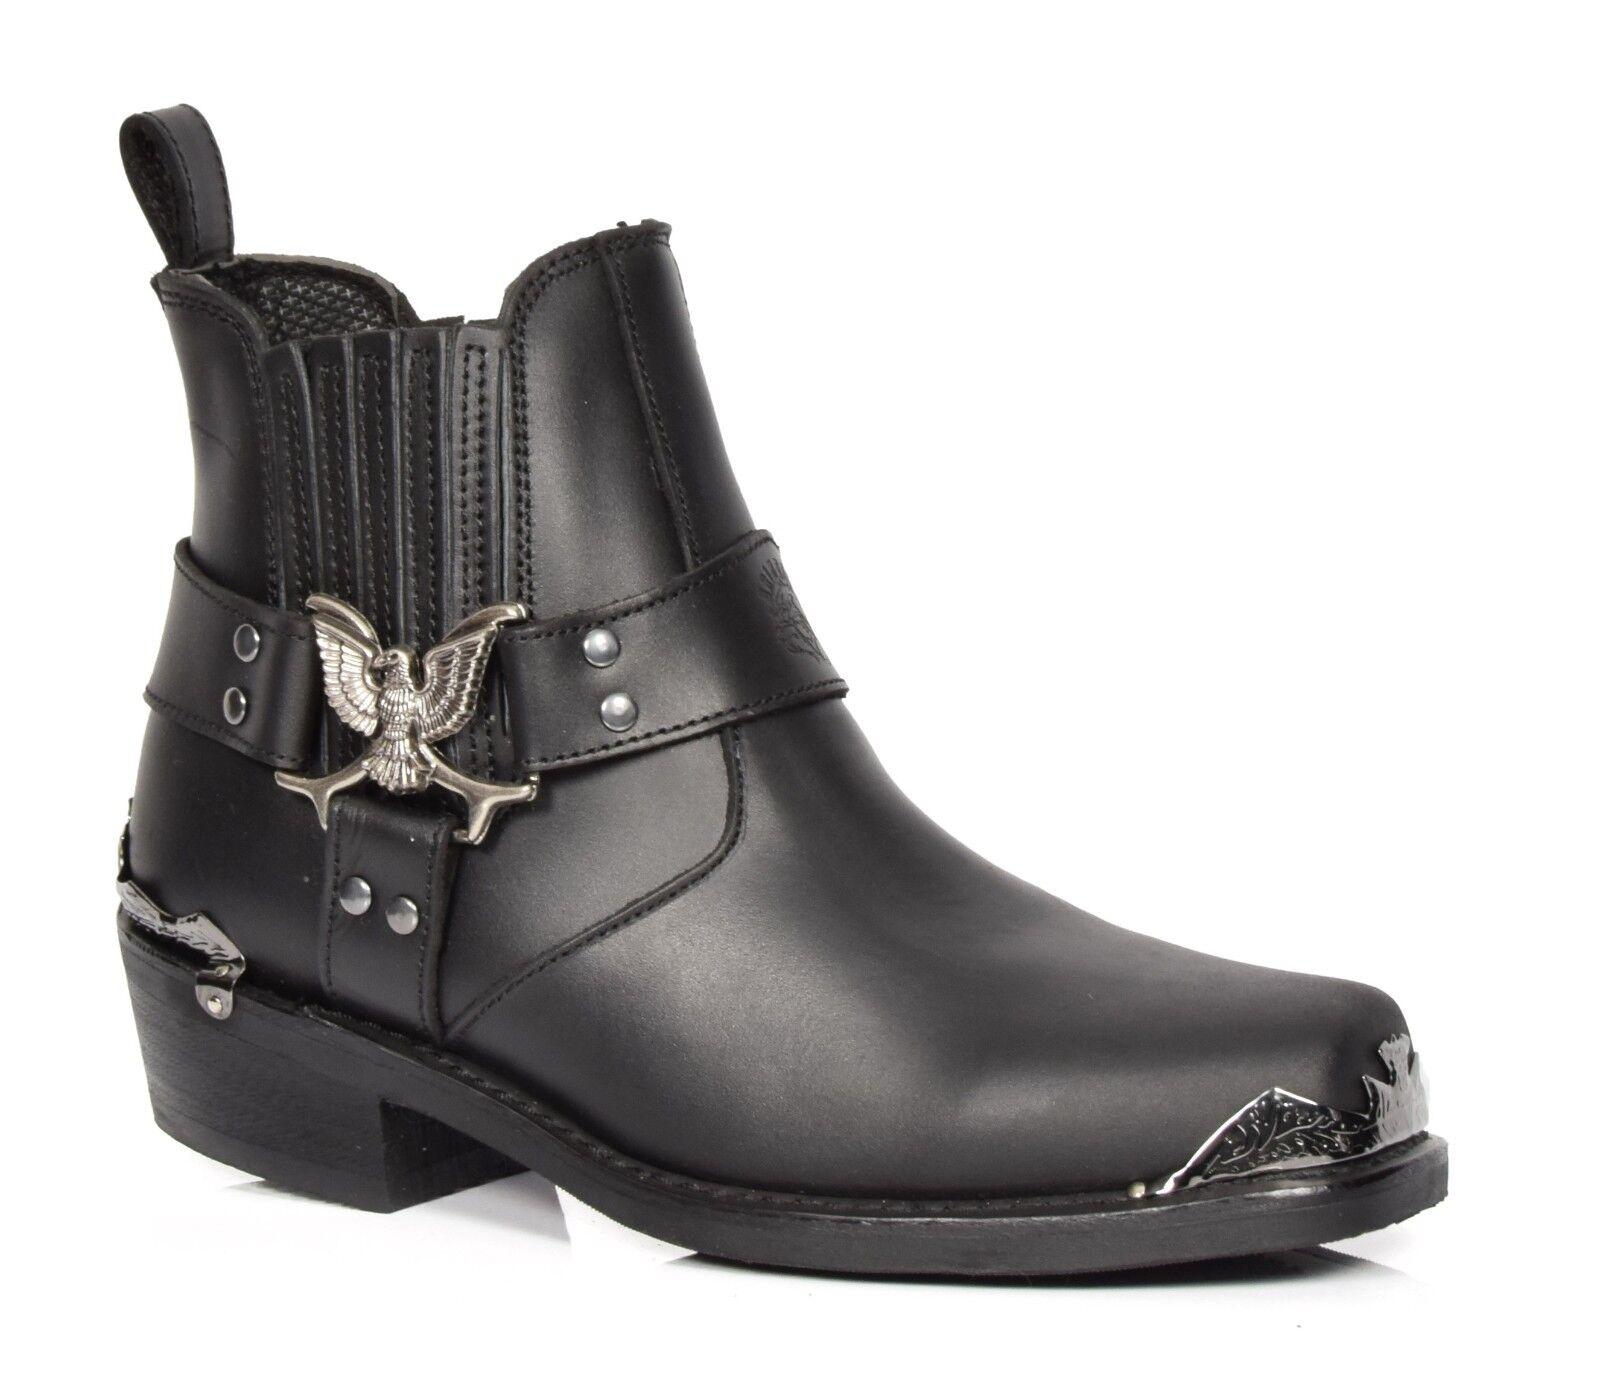 Real De Cuero Negro Estilo Motero Chelsea botas Zapatos De Tobillo Puntera Cuadrada Bloque Talón